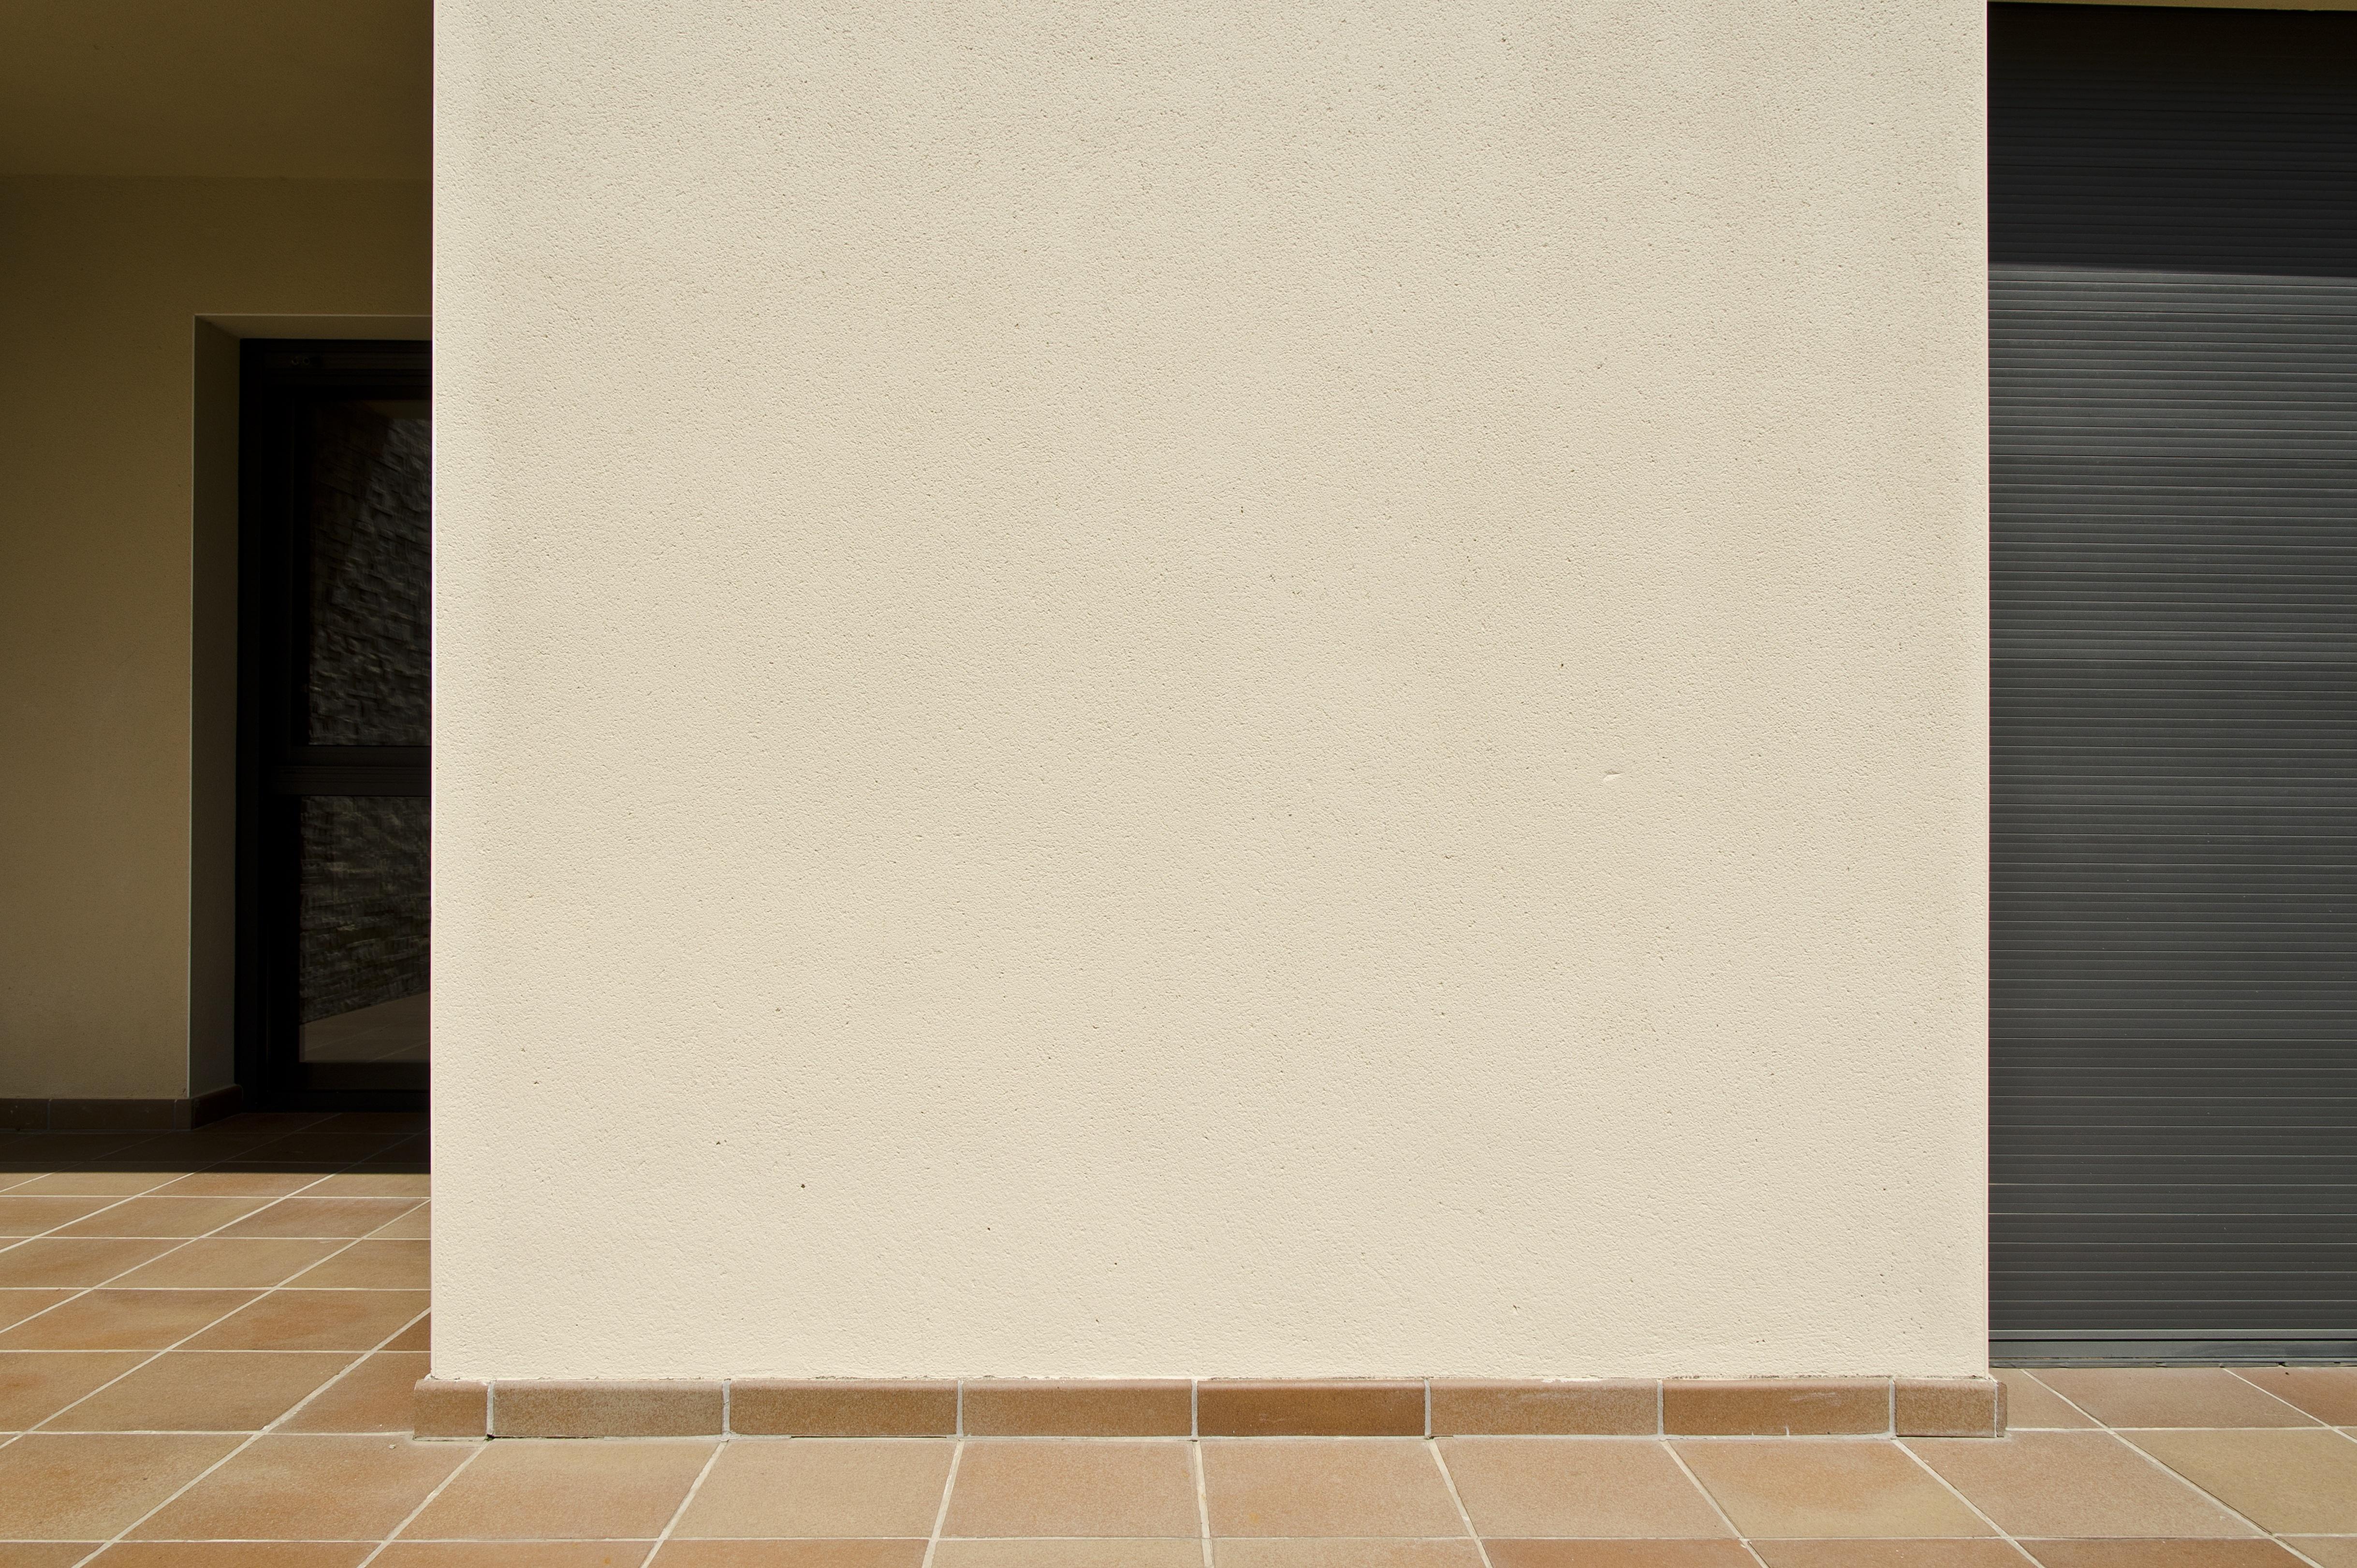 kostenlose foto : die architektur, struktur, holz, textur, stock